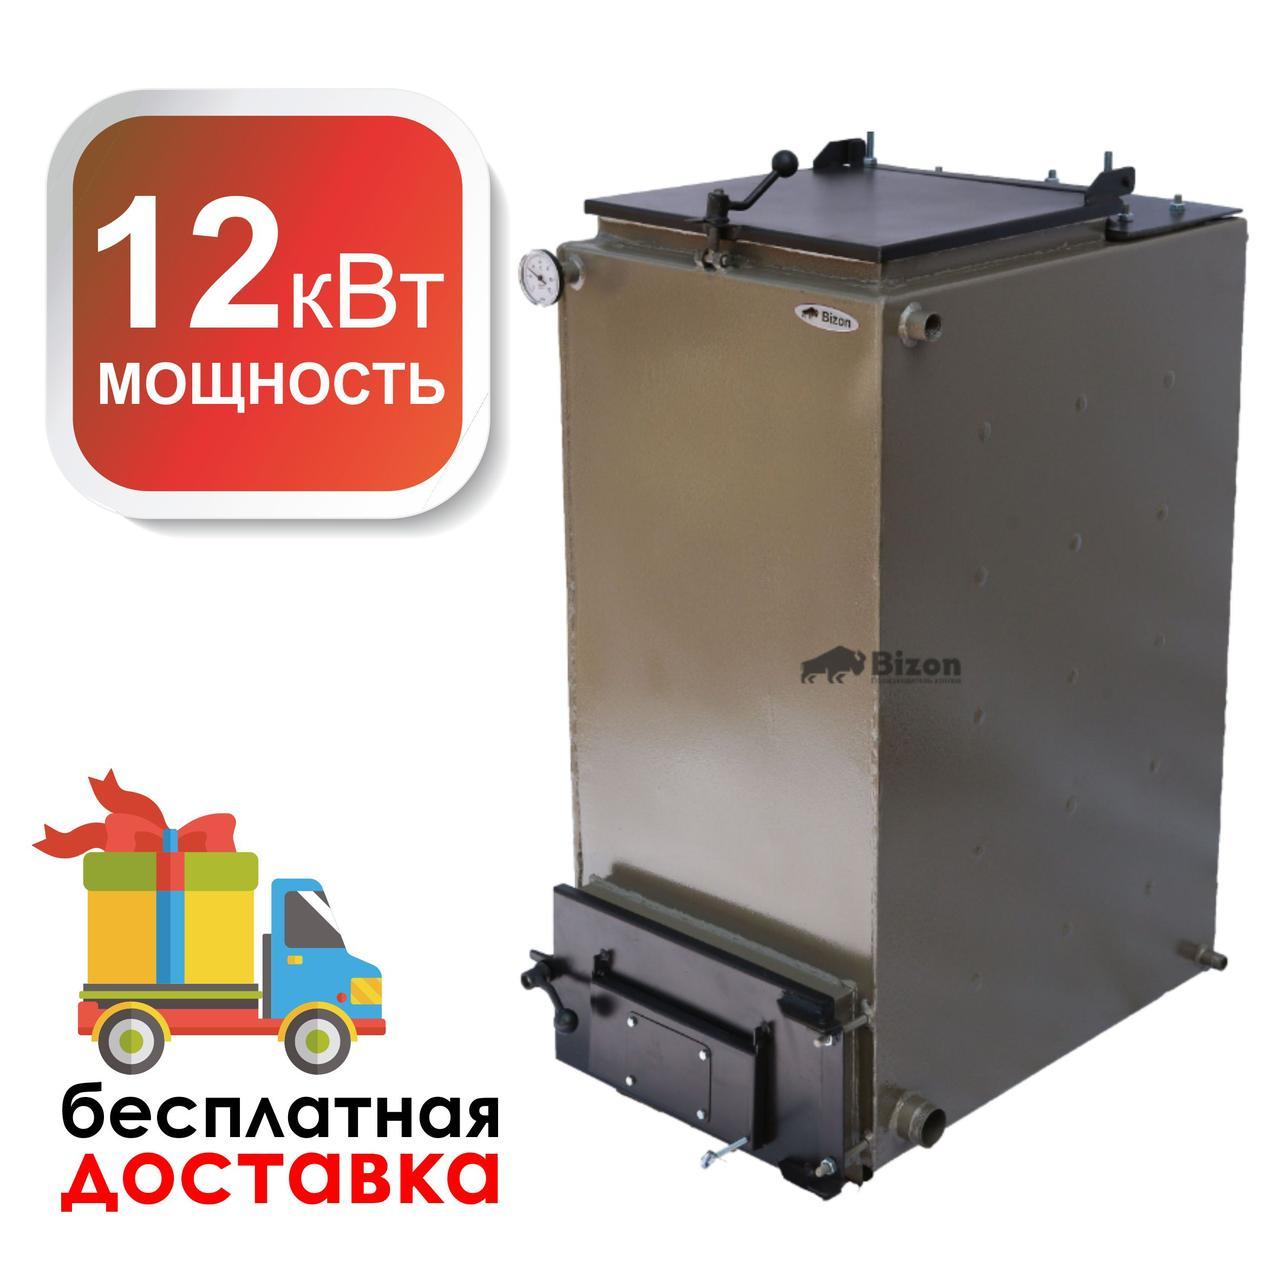 Котел твердотопливный Холмова Bizon FS 12 кВт